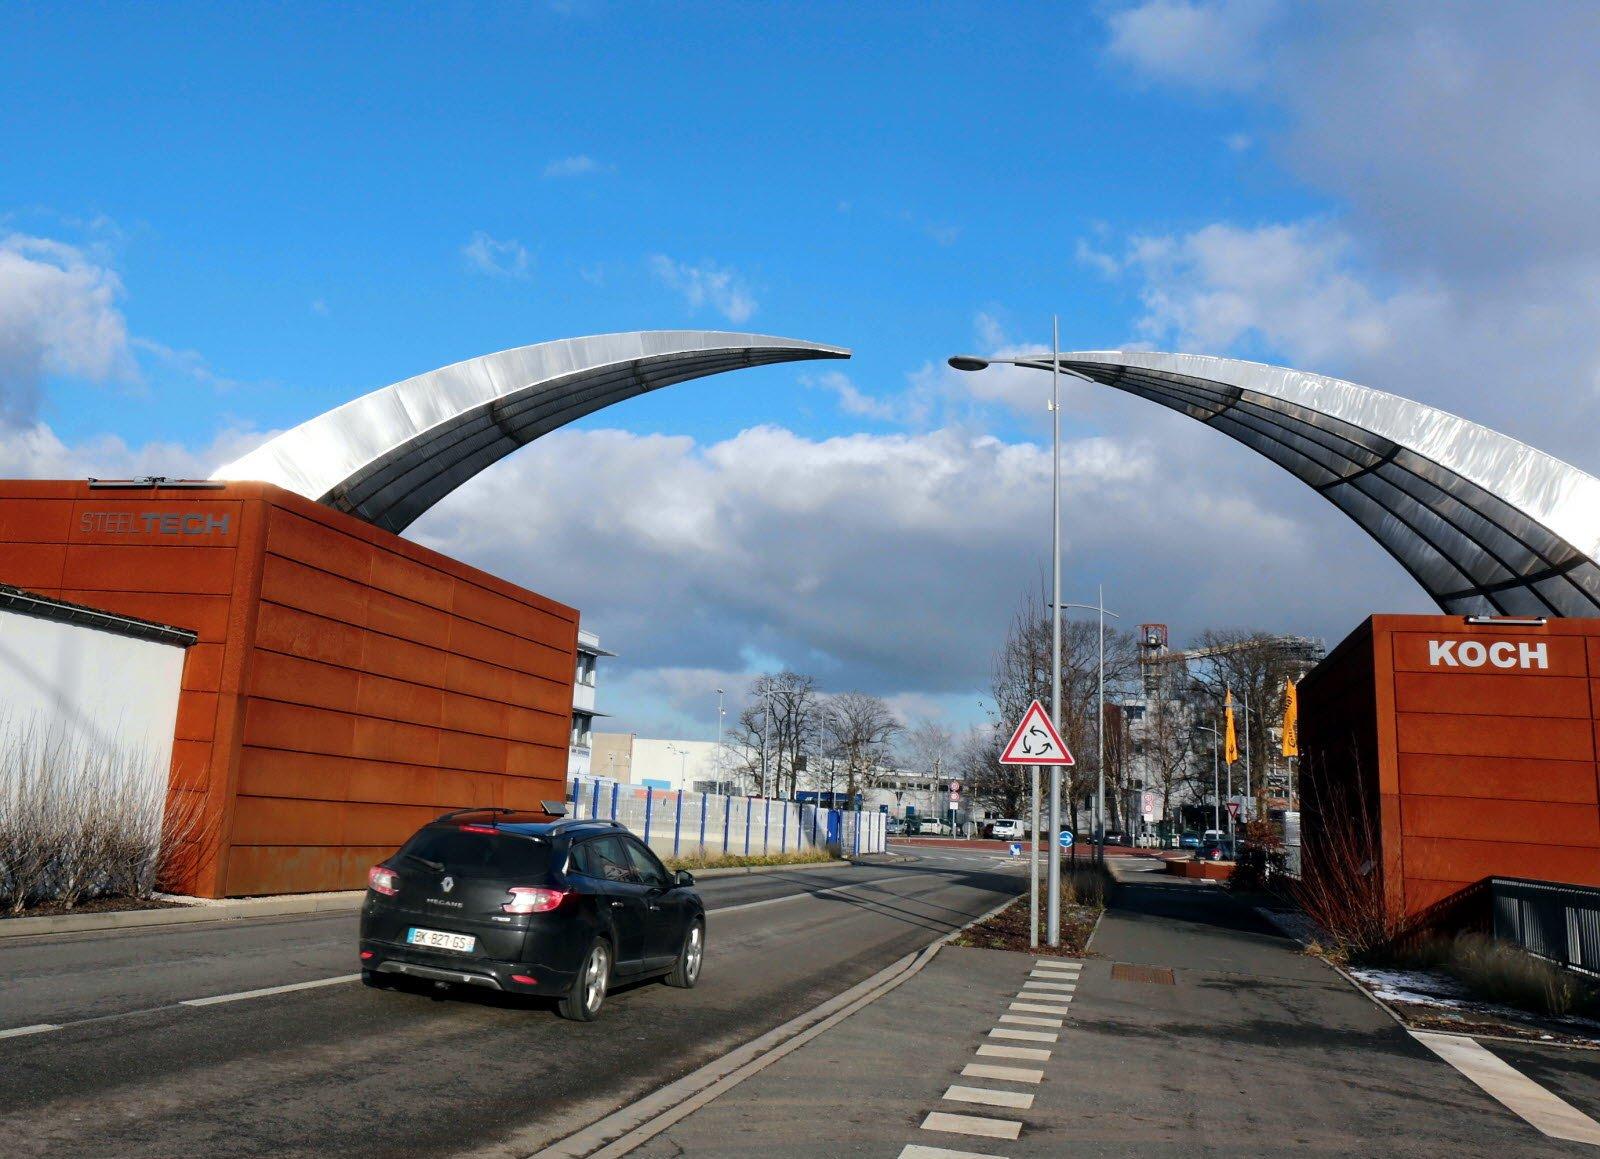 Arche urbaine en acier et acier corten à Sarreguemines